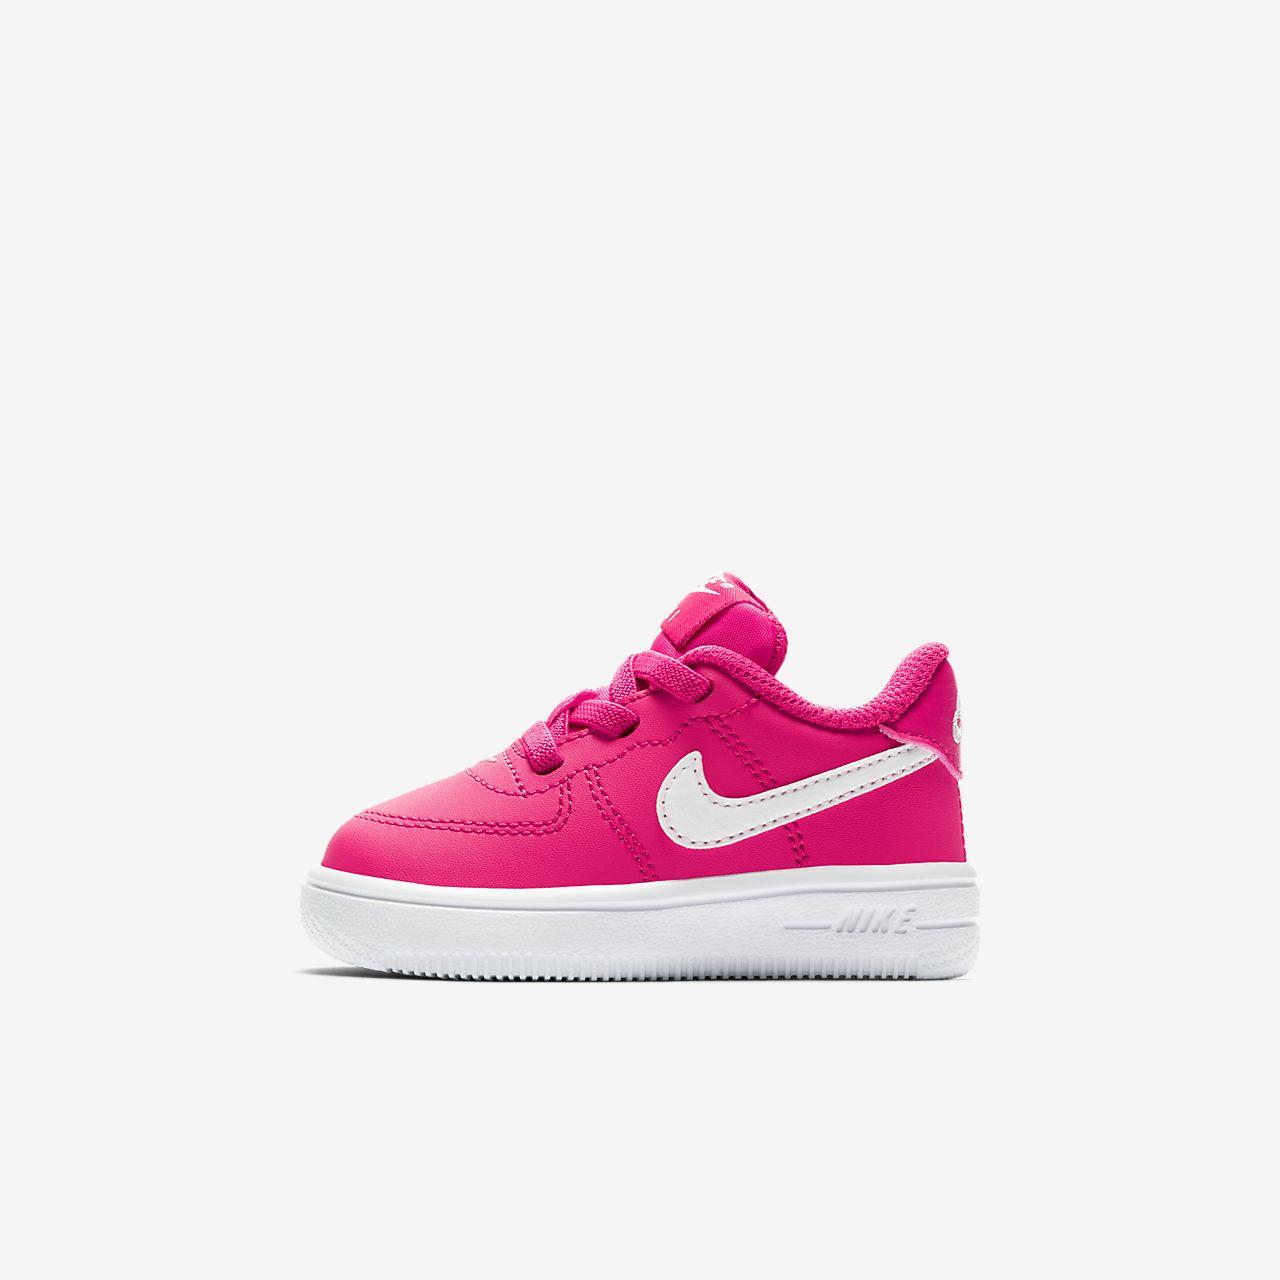 805210f5175 Chaussure Nike Force 1  18 pour Bébé et Petit enfant. Nike.com BE